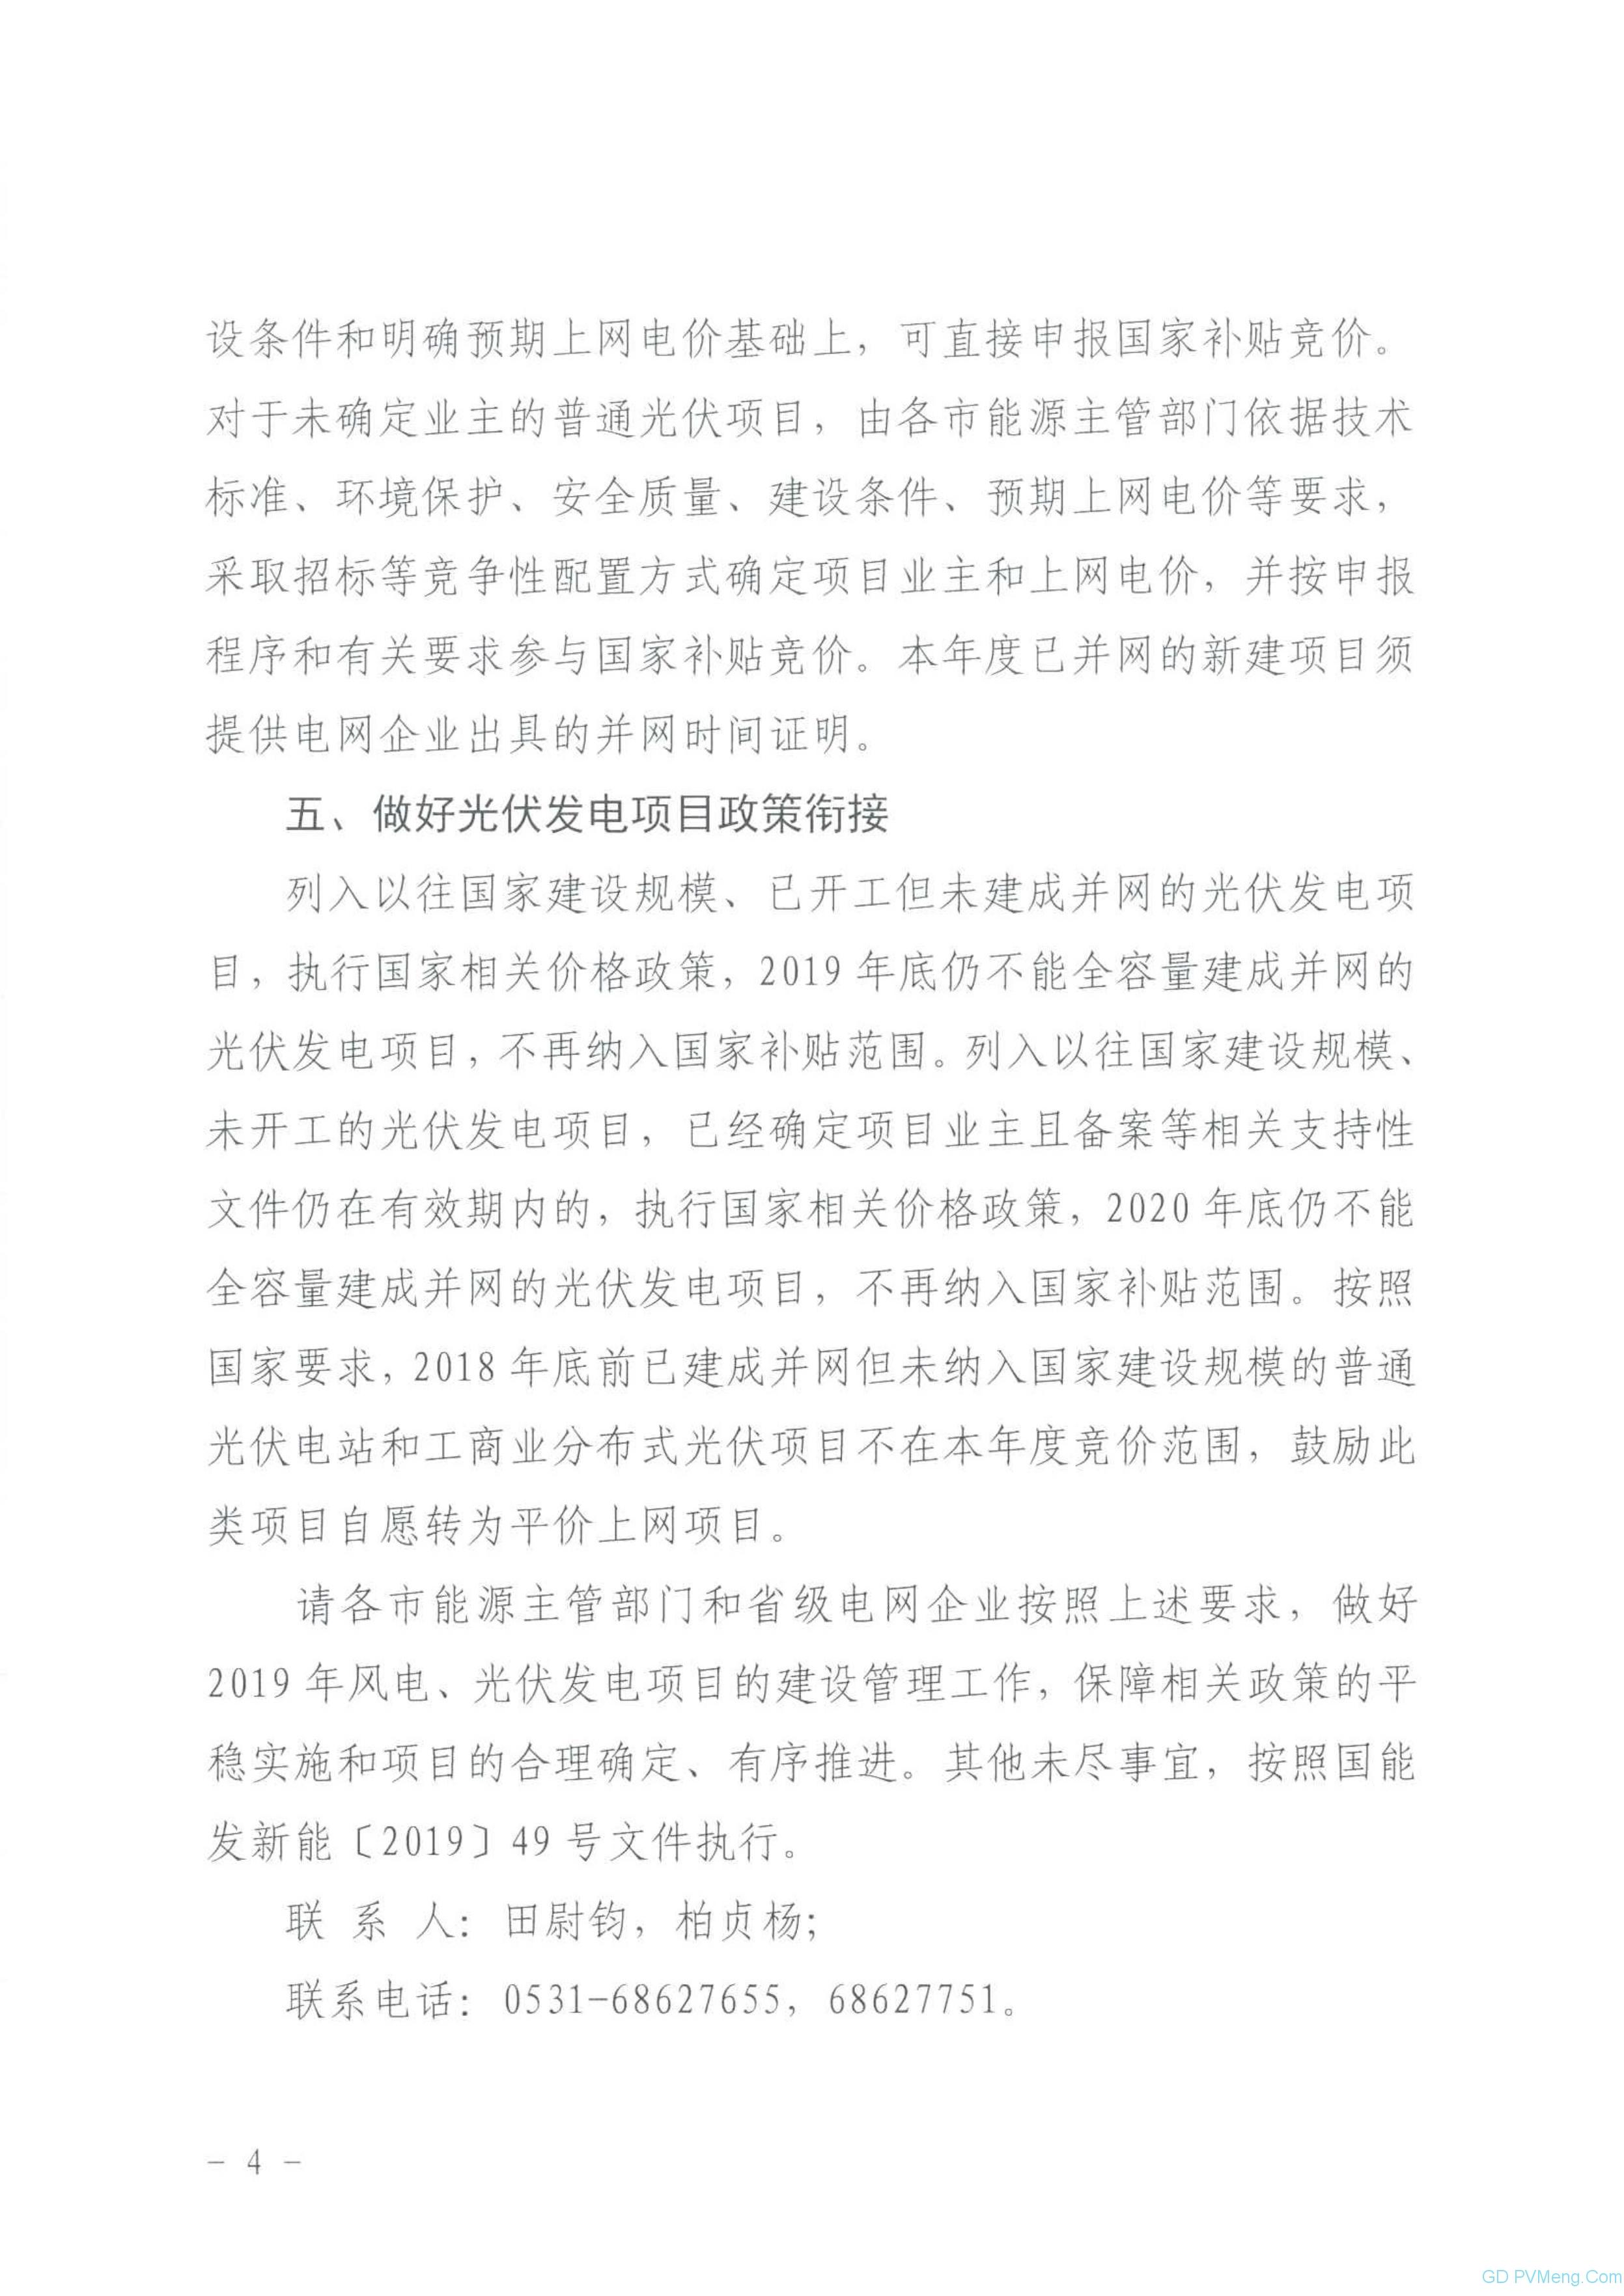 山东省能源局关于2019年风电、光伏发电项目建设有关事项的通知(鲁能源新能字〔2019〕151号 )20190612